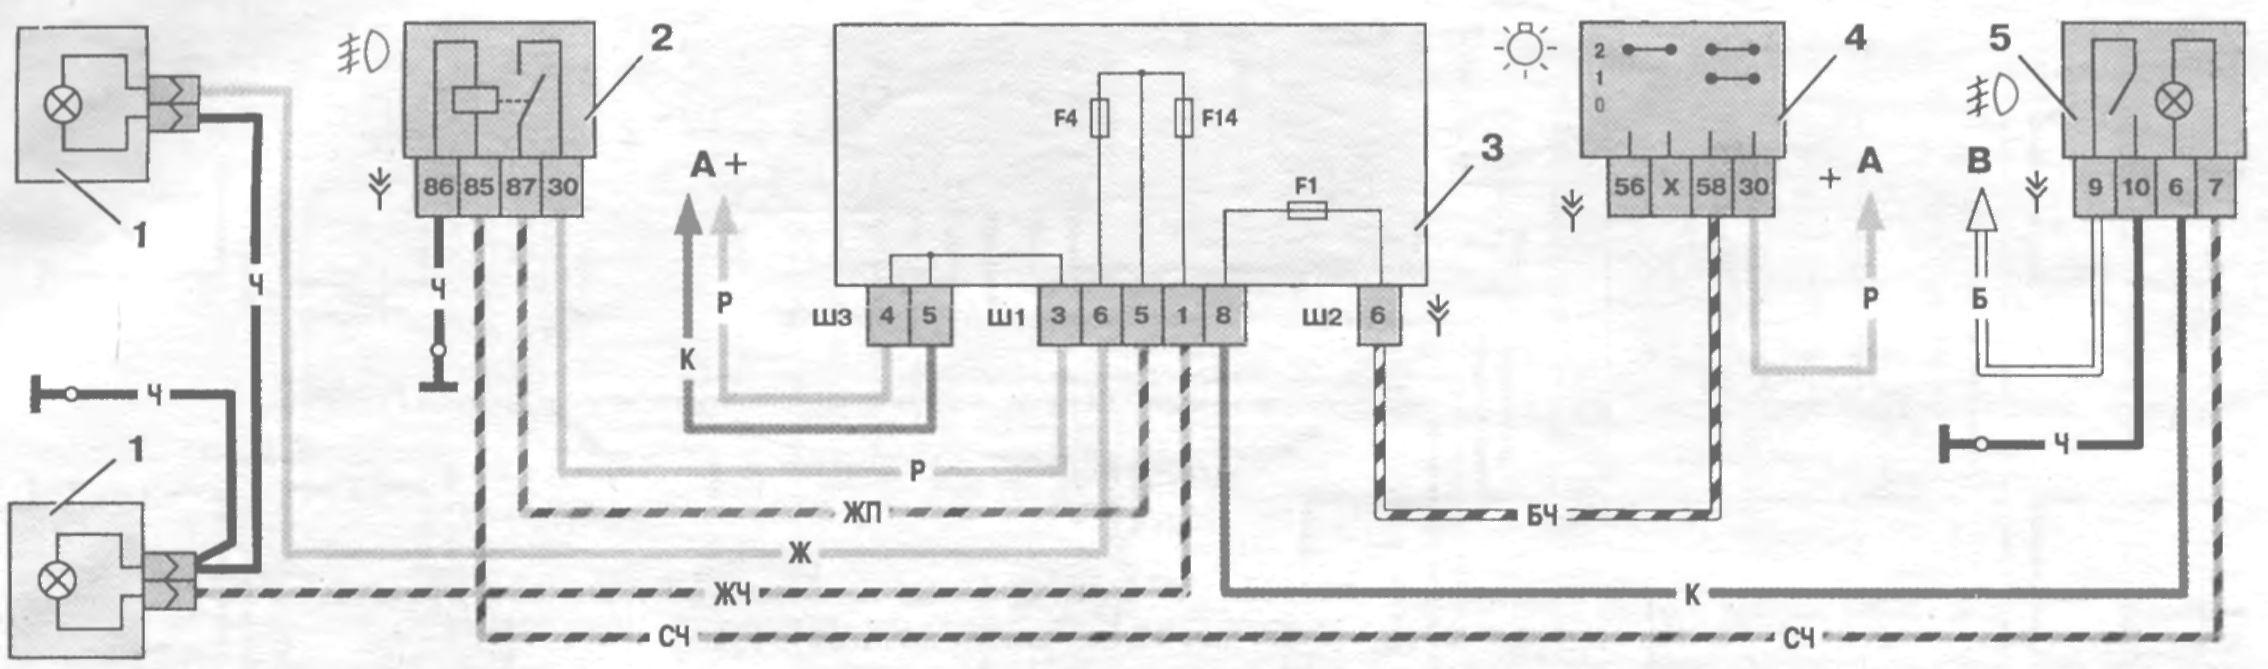 сигнализация на ваз 2110 схема установки